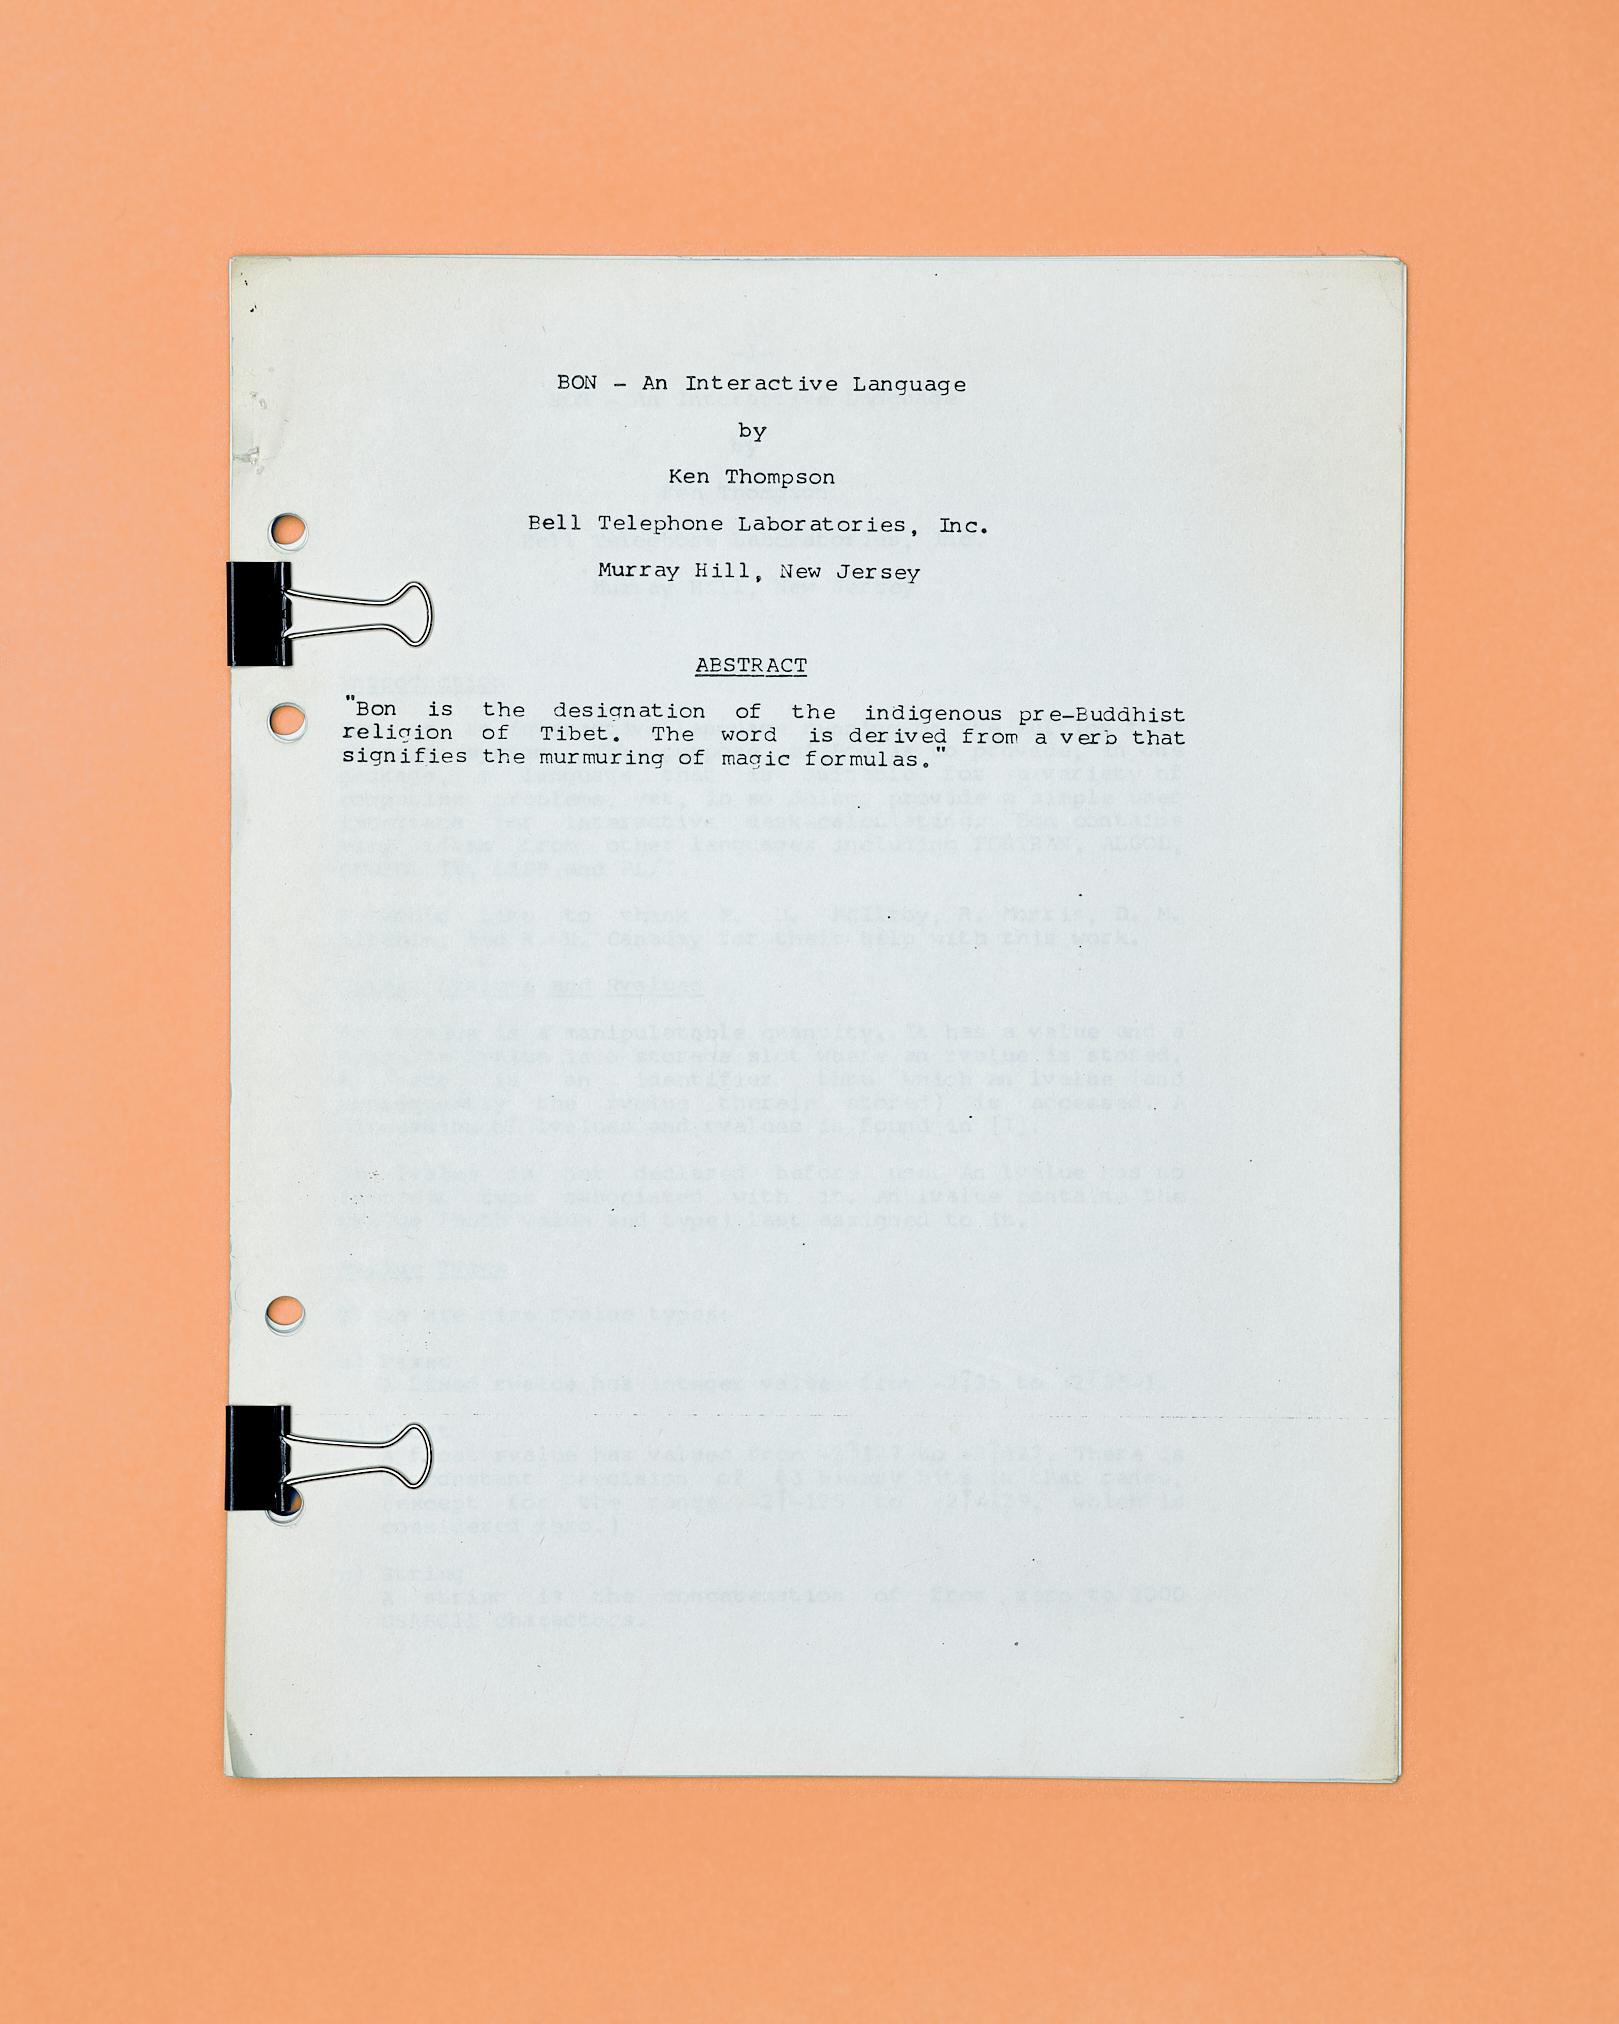 BON Programming Language by Peter Adams.